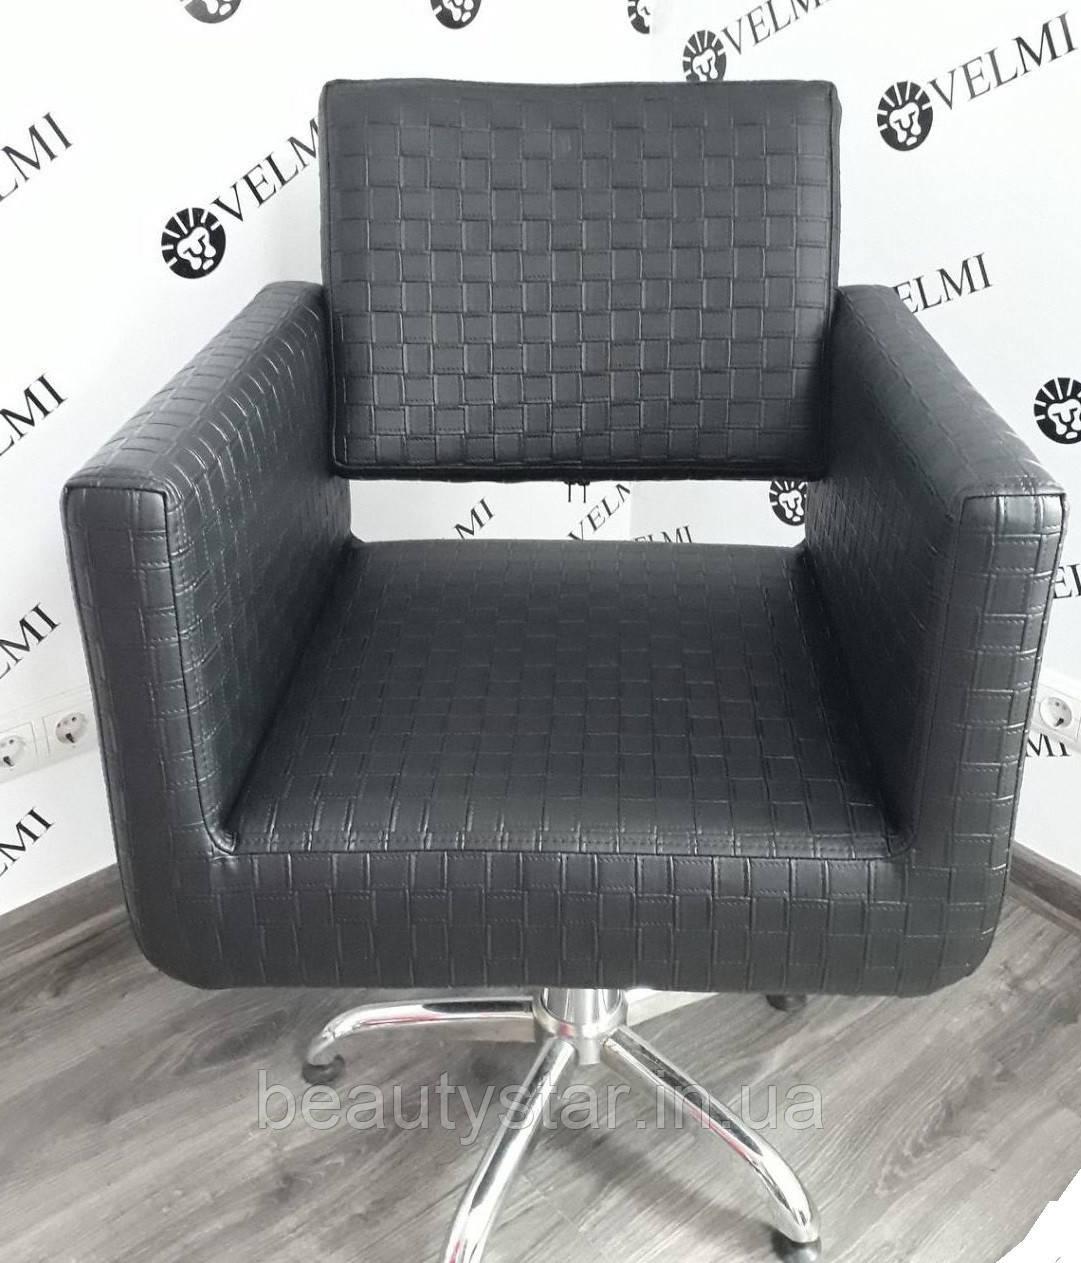 Кресло парикмахерское гидравлика Польша Gwen Кресло для стрижки